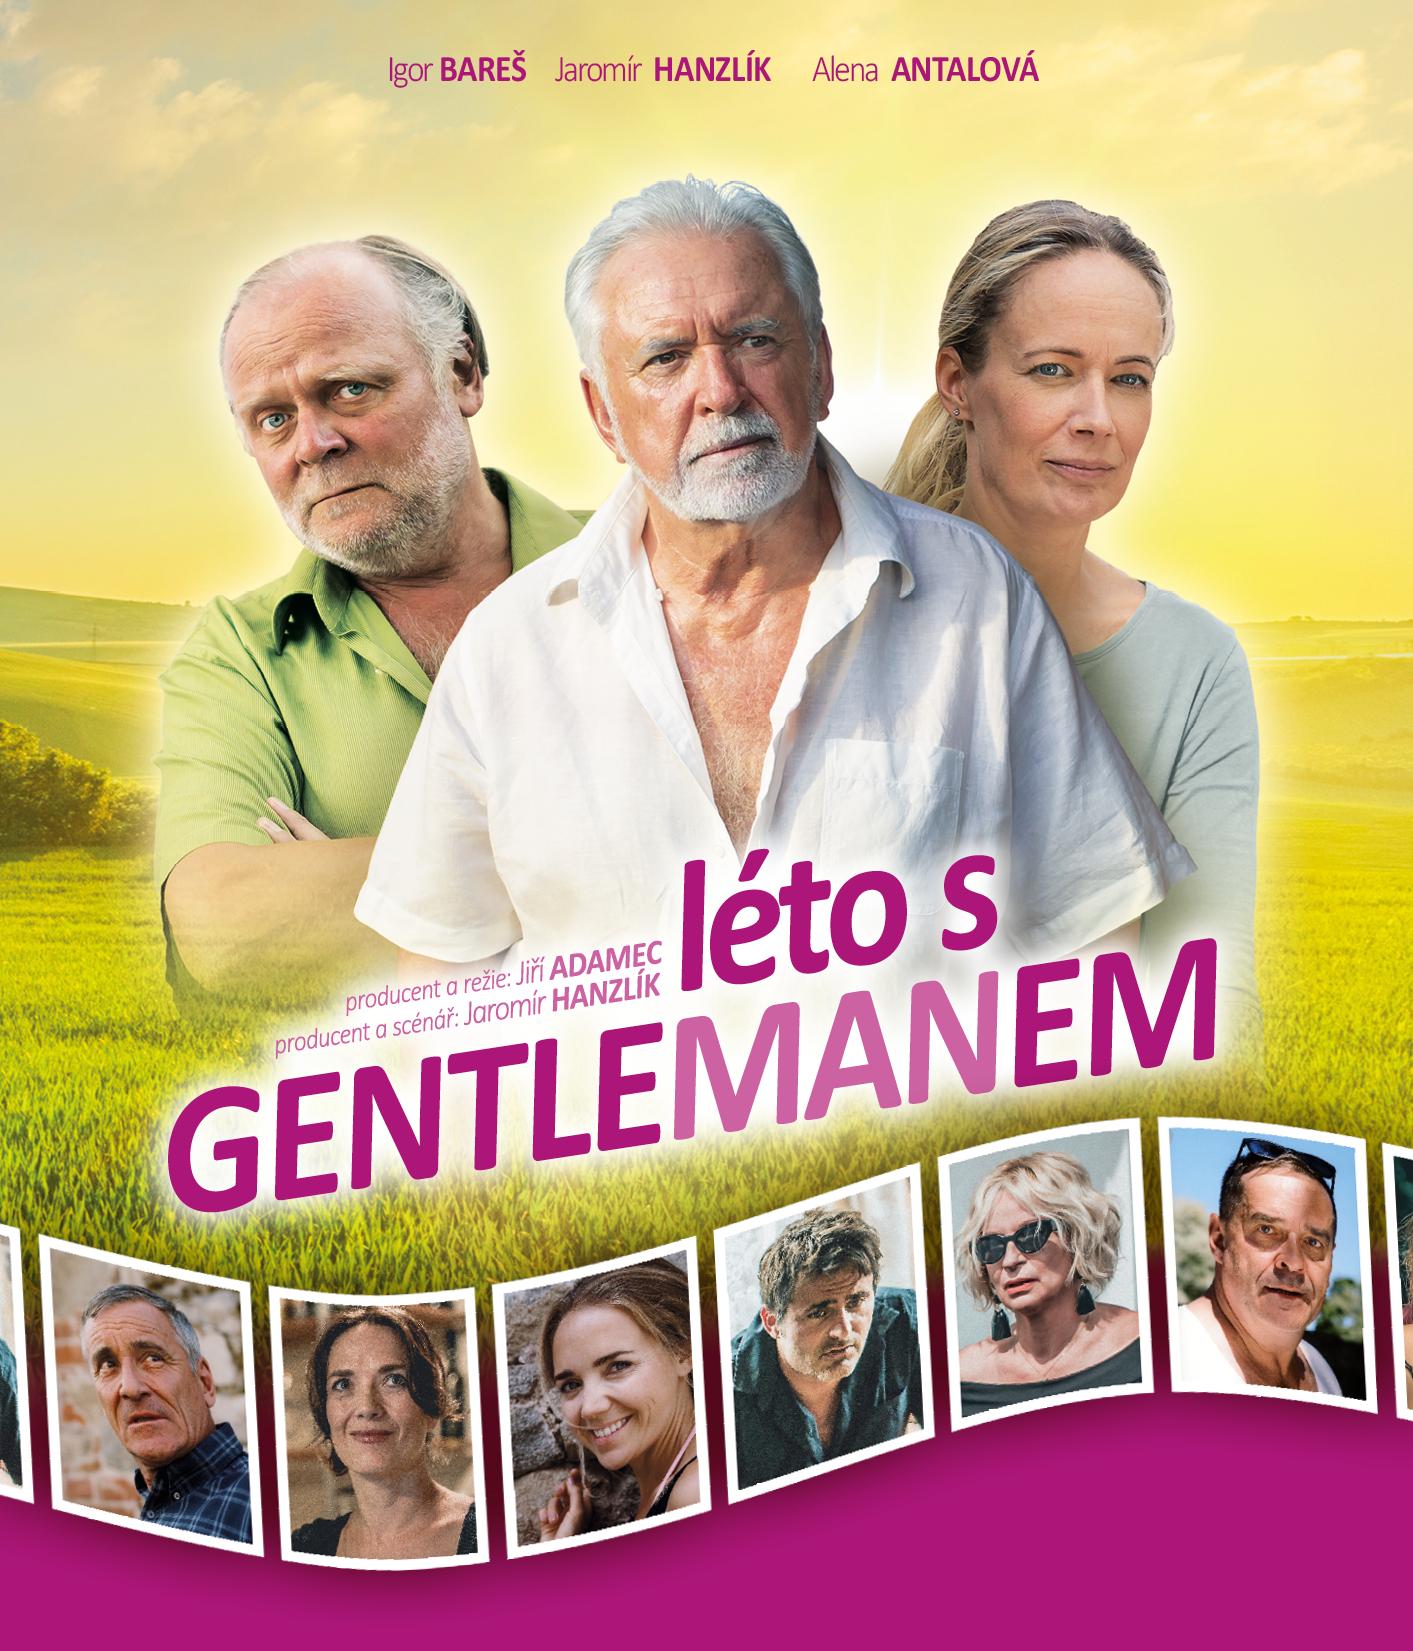 Leto-s-gentlemanem